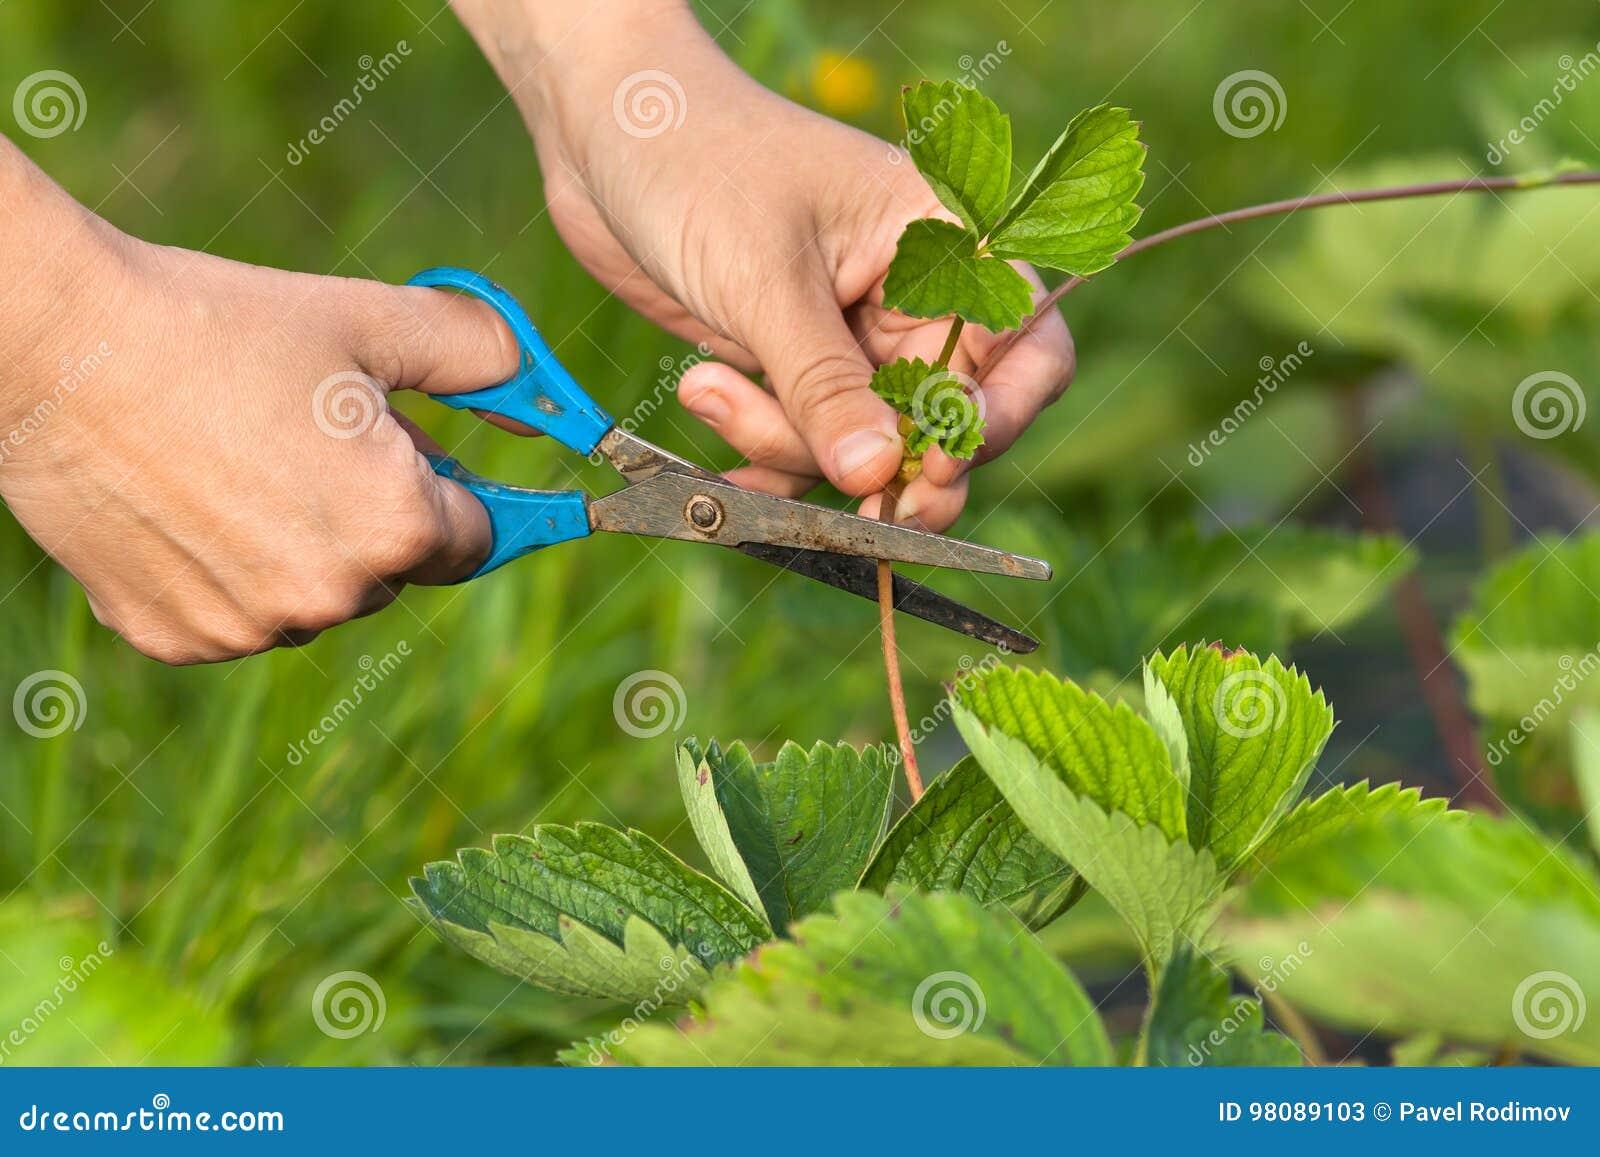 Handen van tuinman scherpe aardbei met schaar